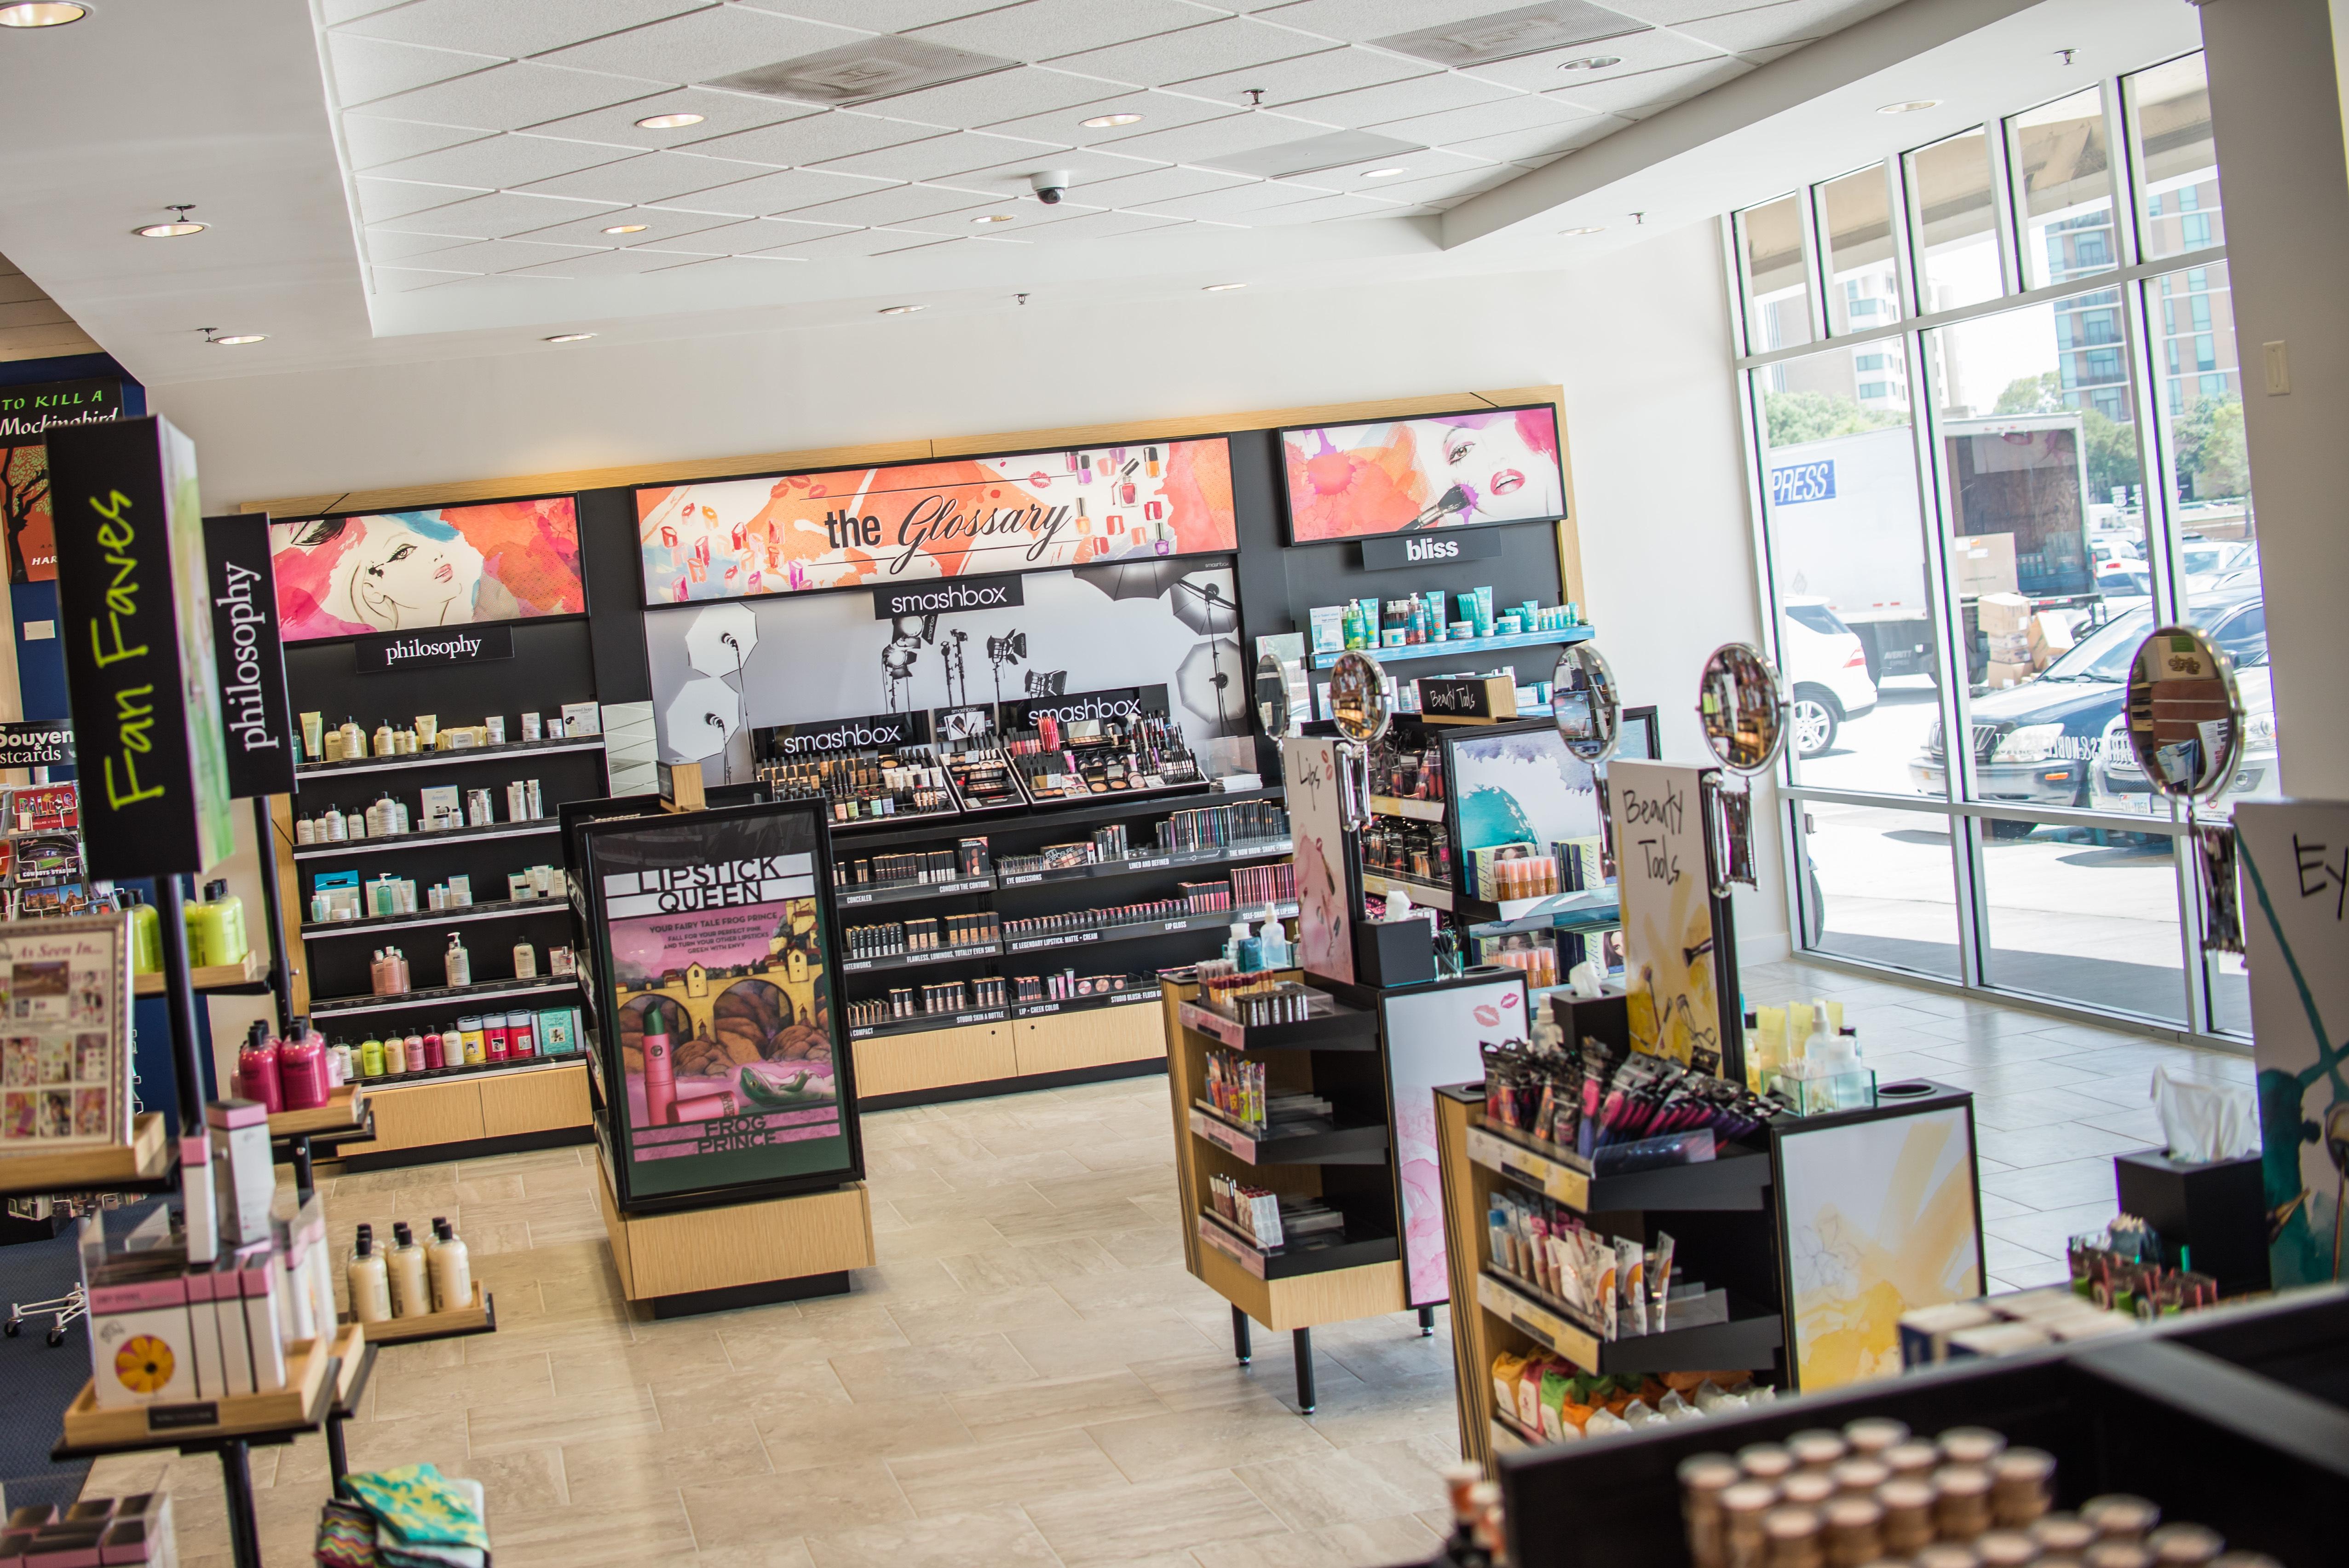 Kent State University Bookstore